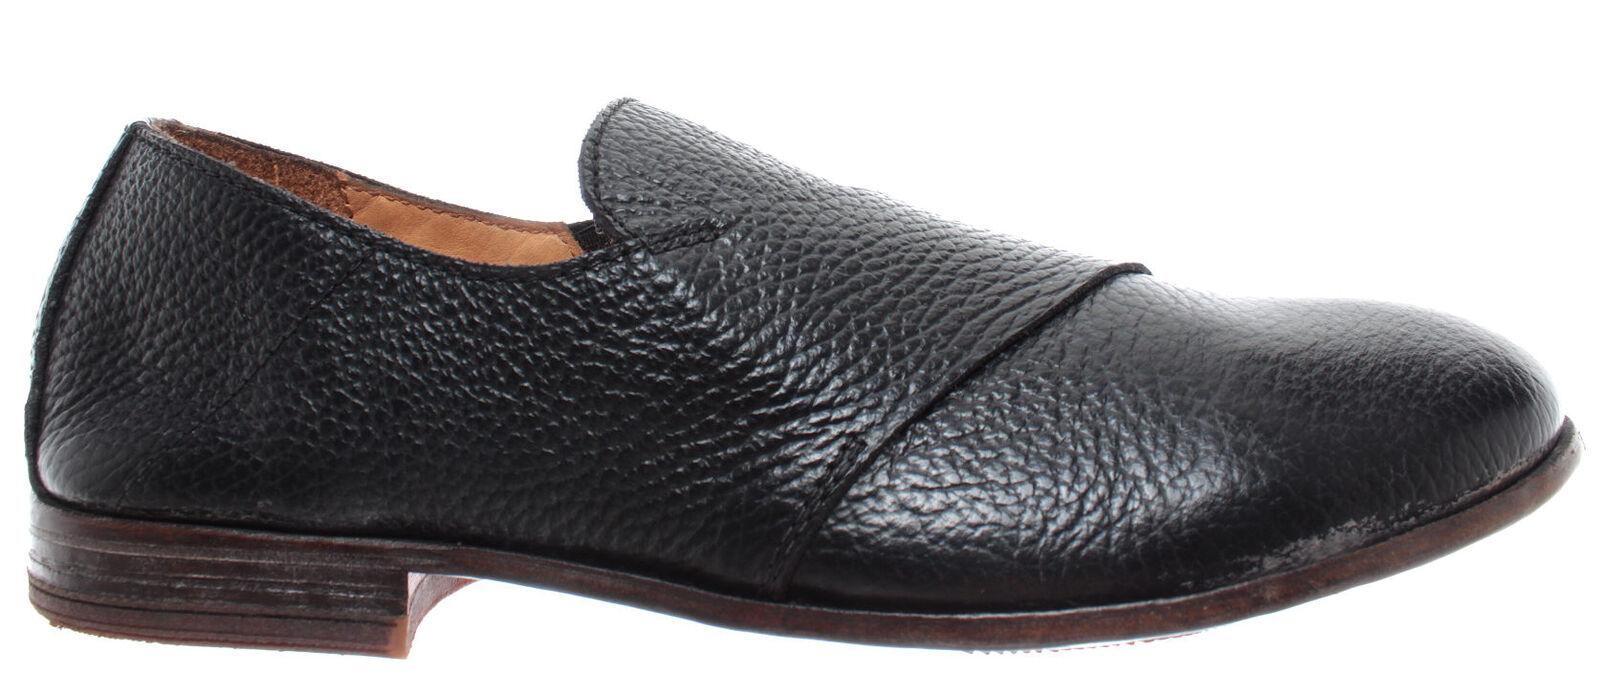 MOMA 43804-Y2 Vitello Vitello Vitello negro Zapatos Mujer Slip On Piel Negro Hand Made  New  disfrutando de sus compras